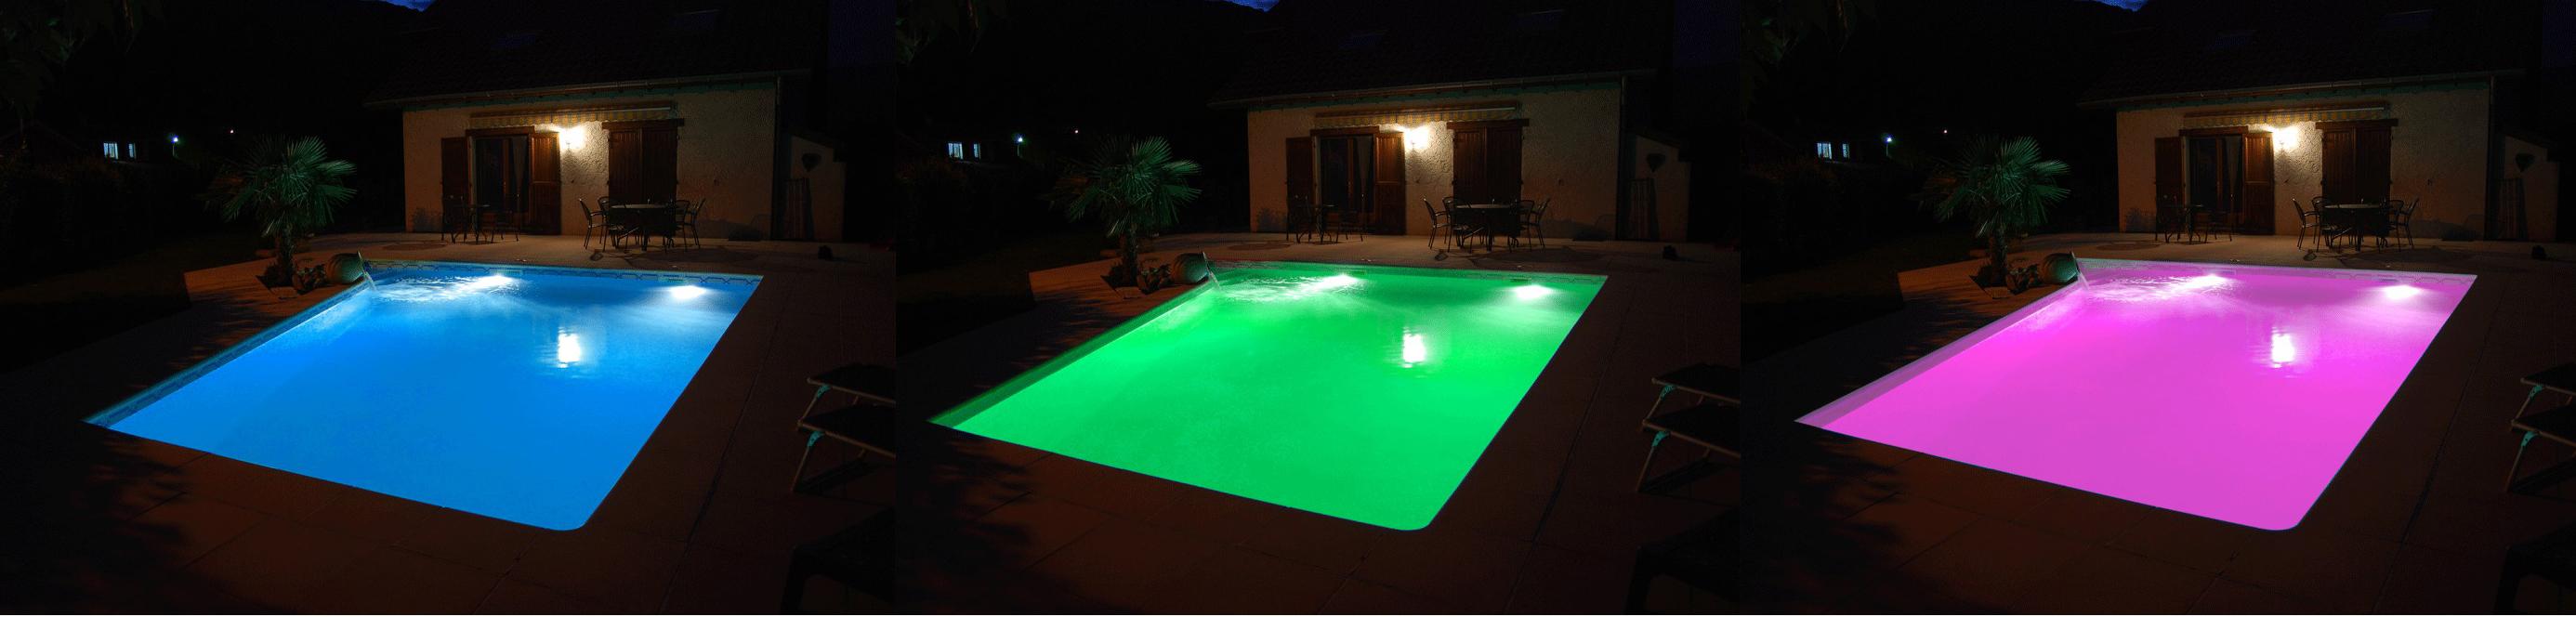 lumiere piscine couleur